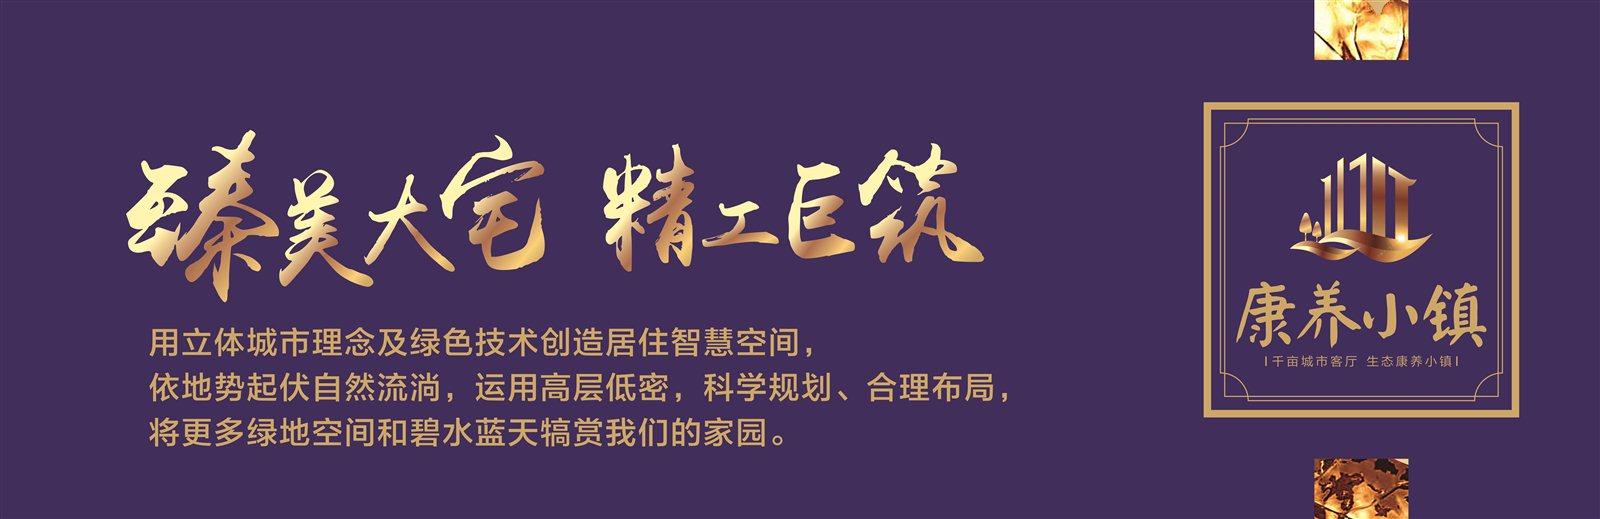 镇雄县中悦房地产开发有限公司